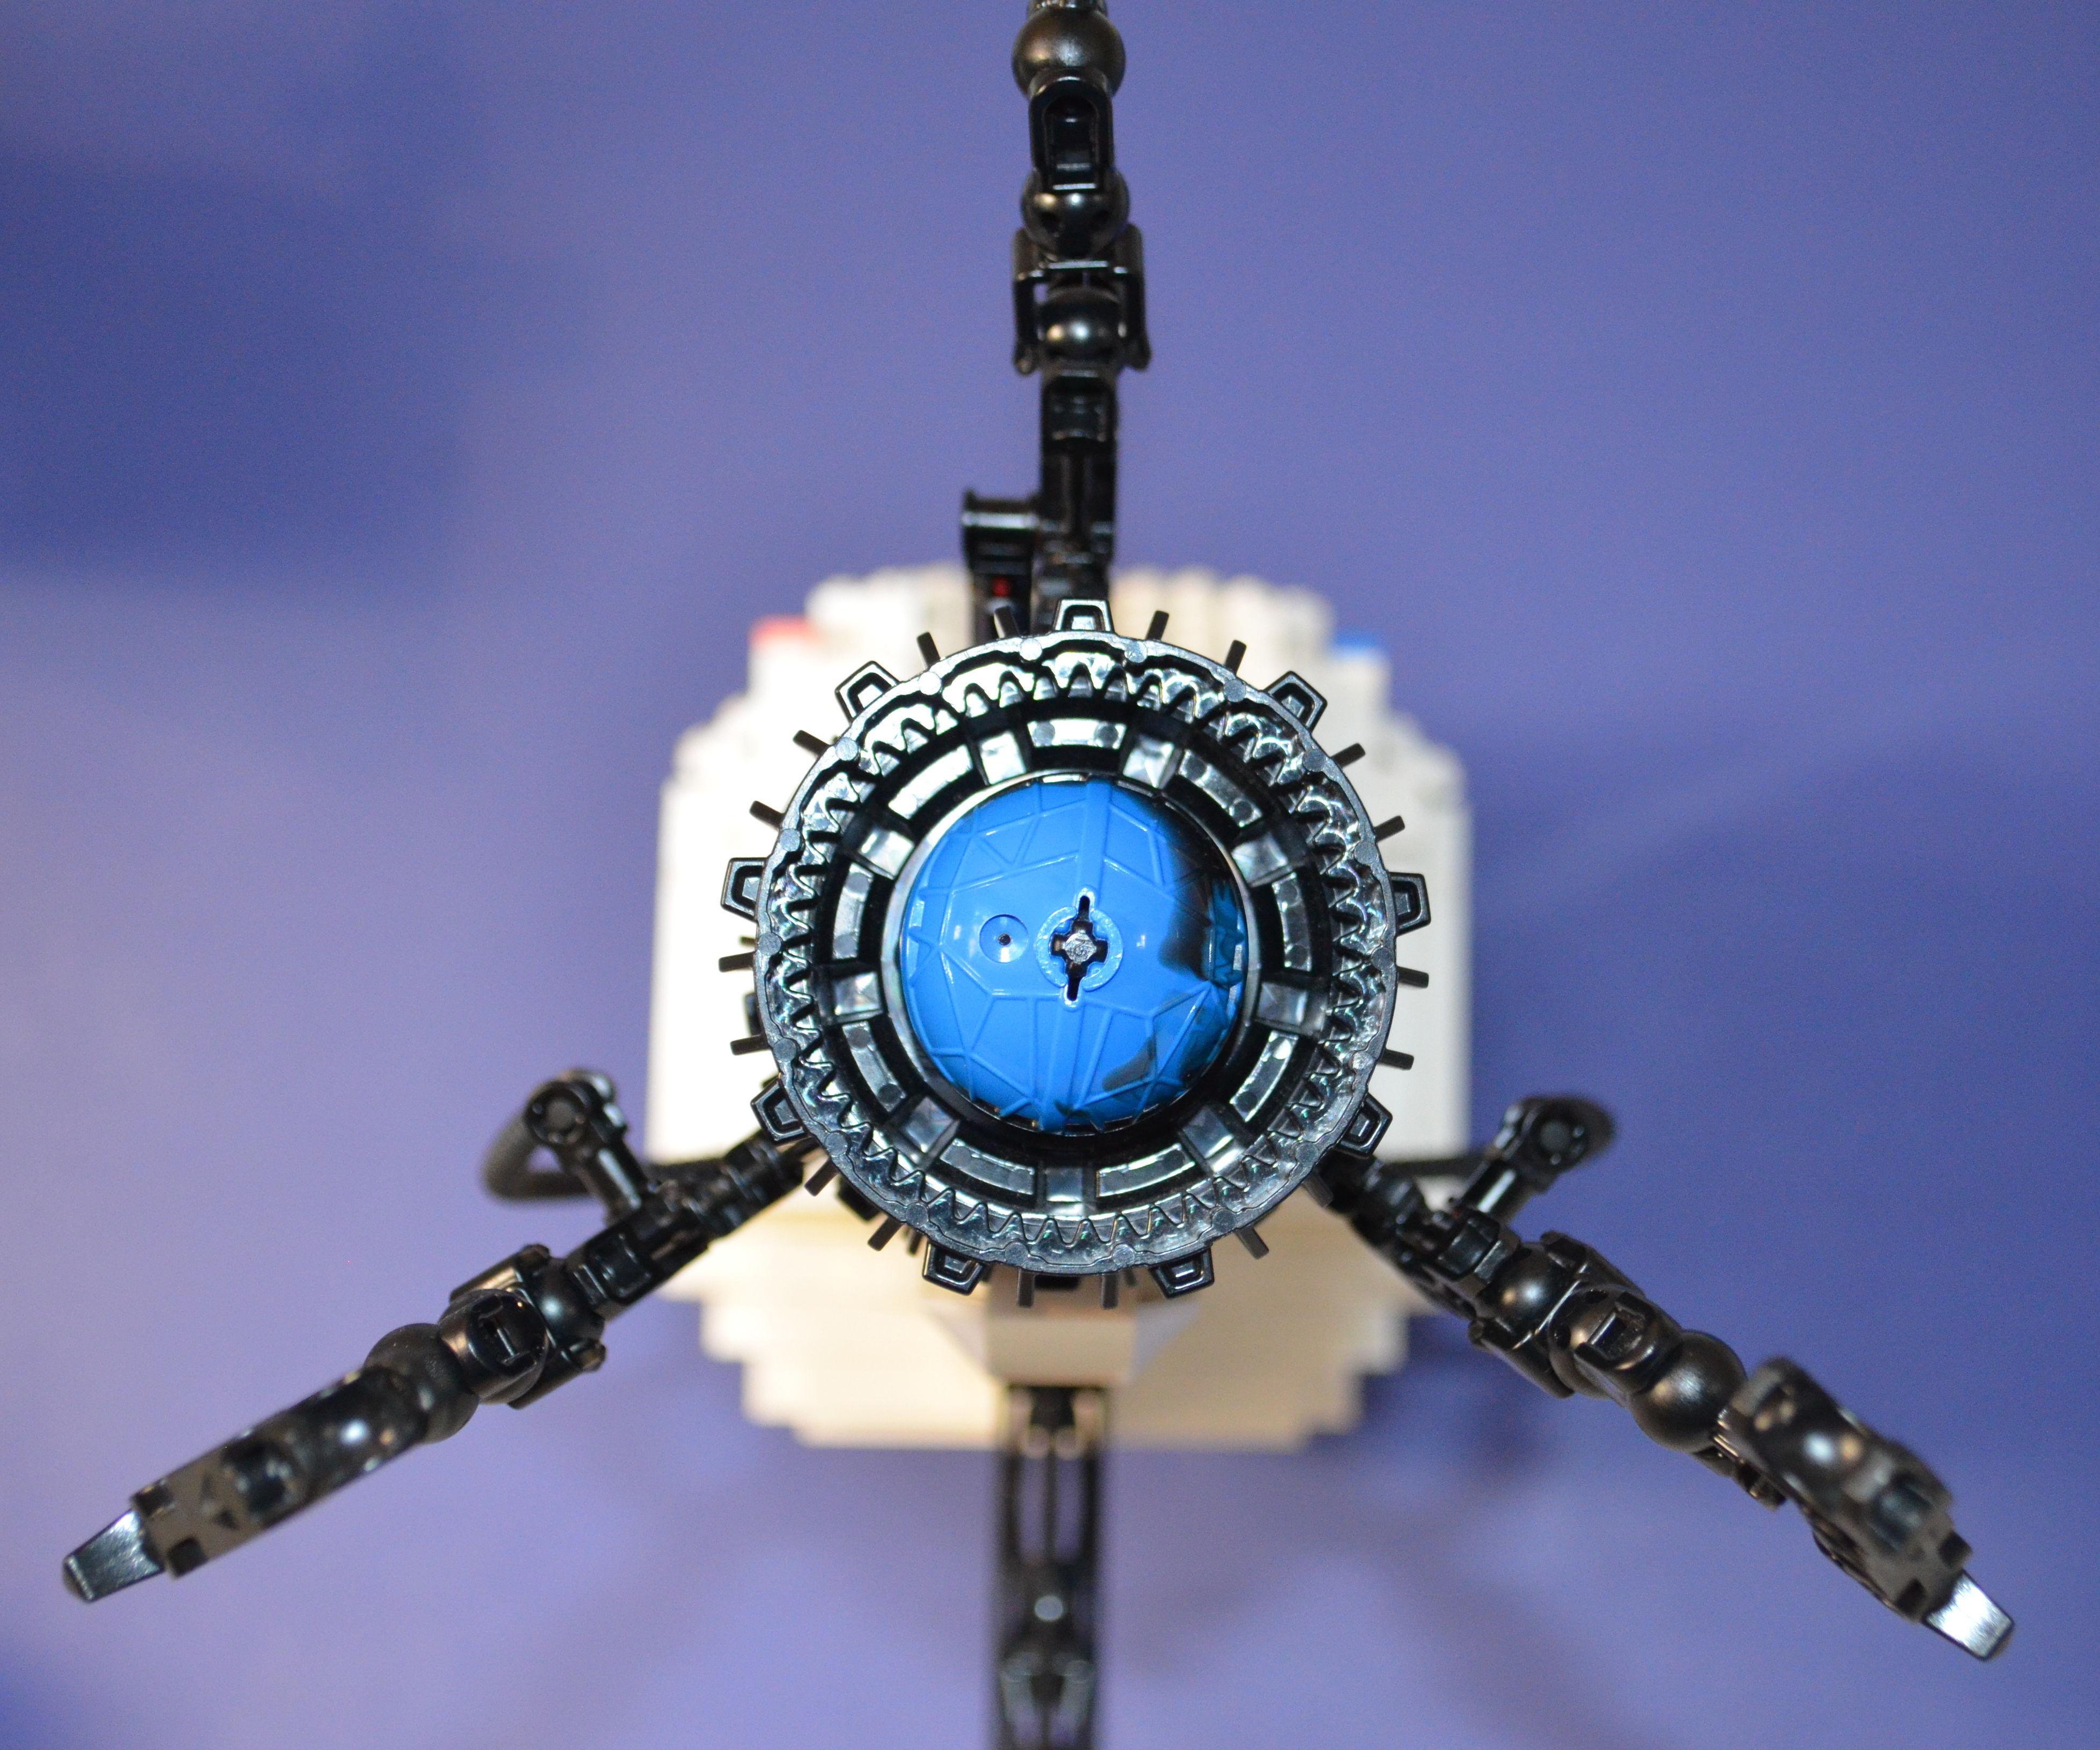 Lego portal gun/ASHPD